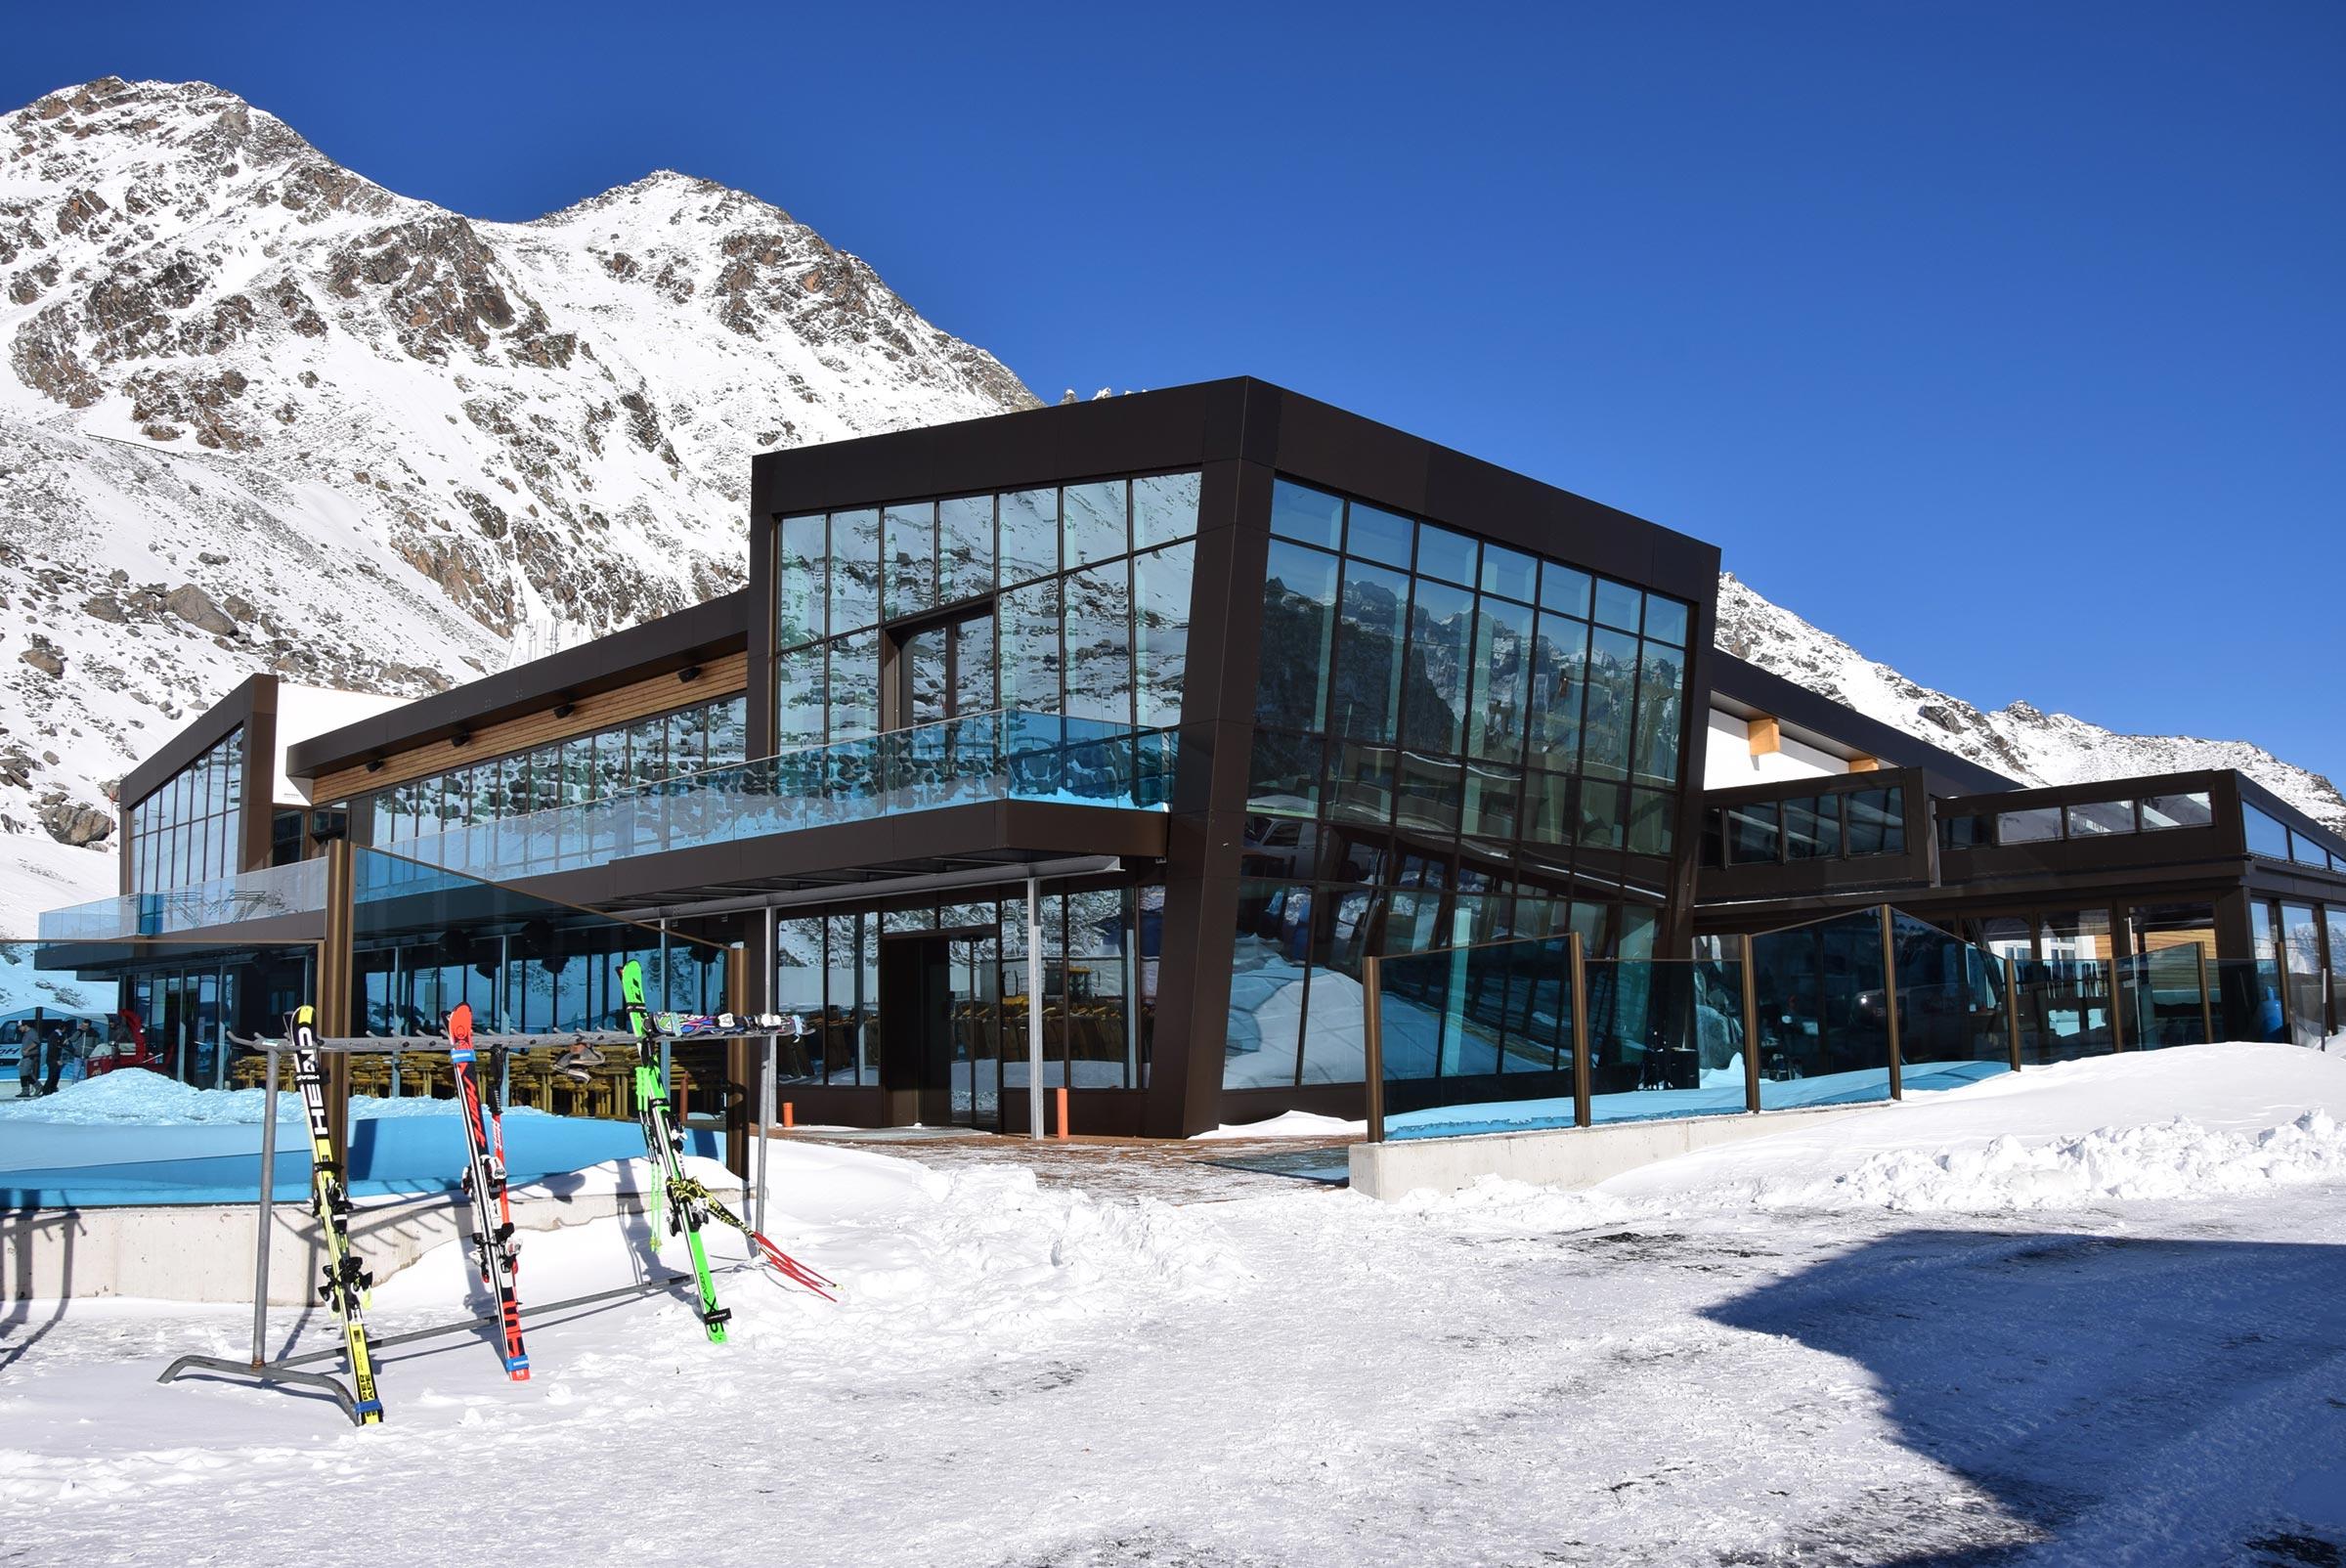 Restaurant am Rettenbachgletscher - Skigebiet Sölden